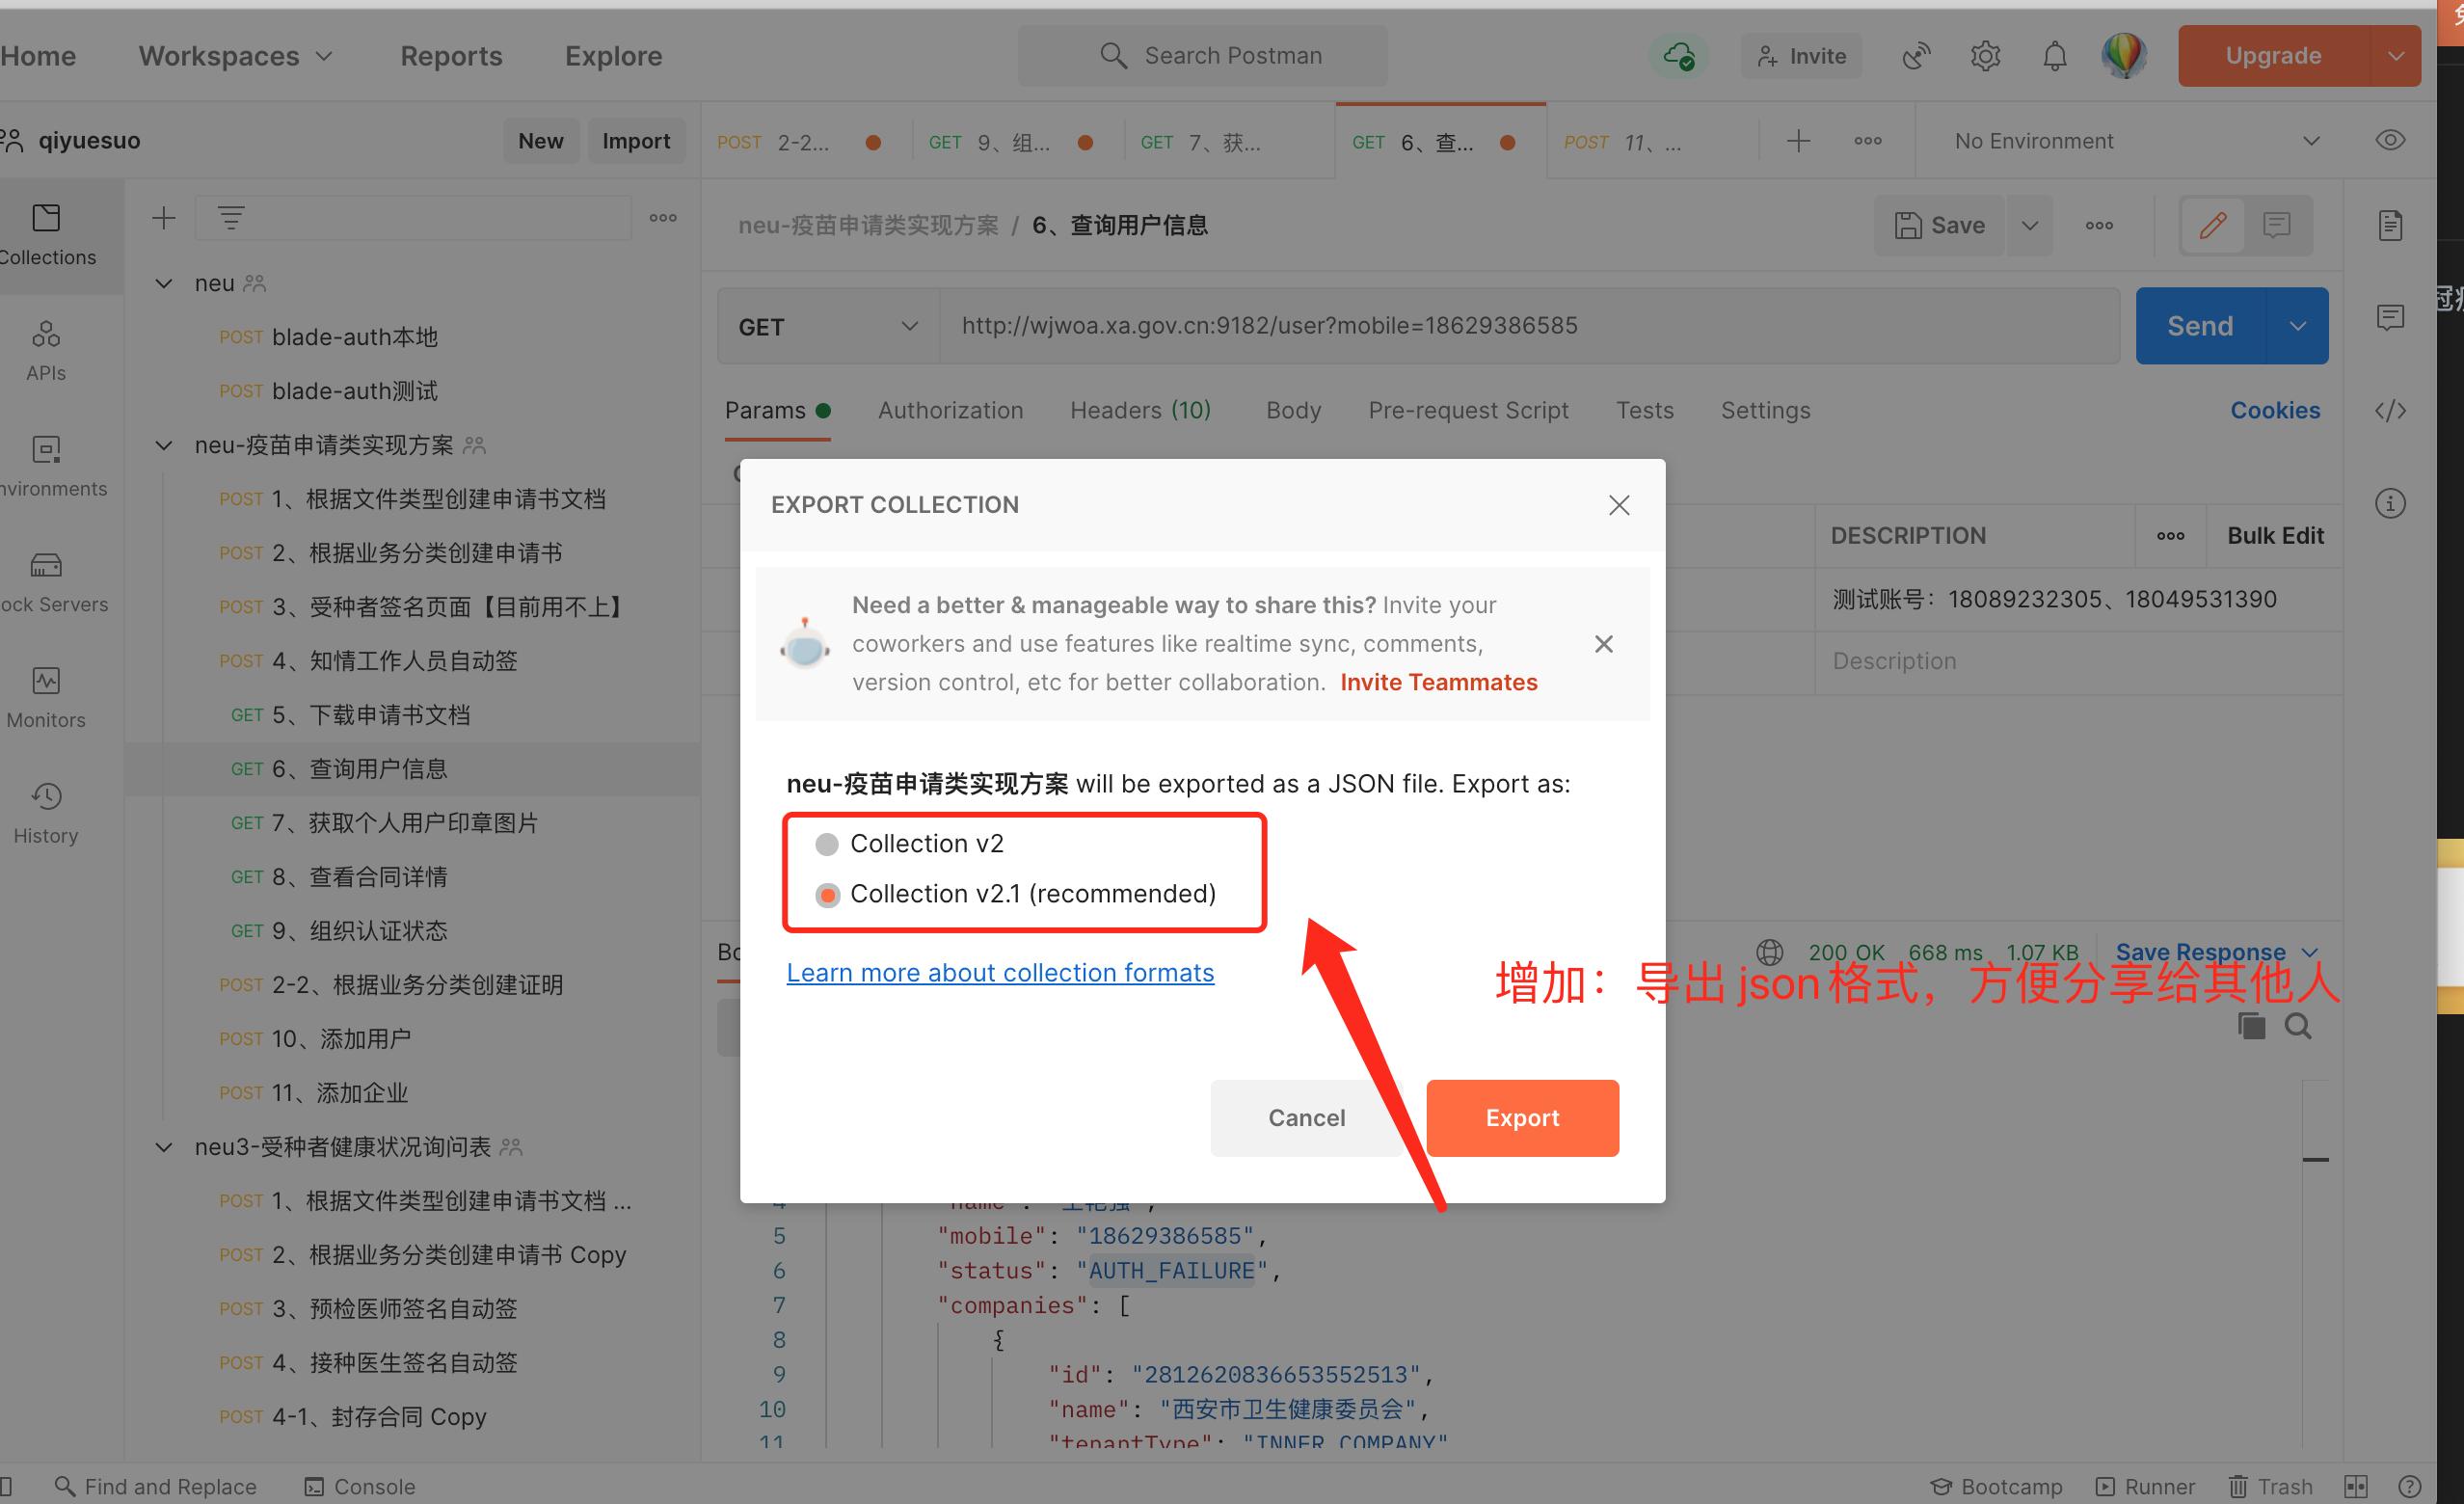 请增加类似post的导出json格式的功能